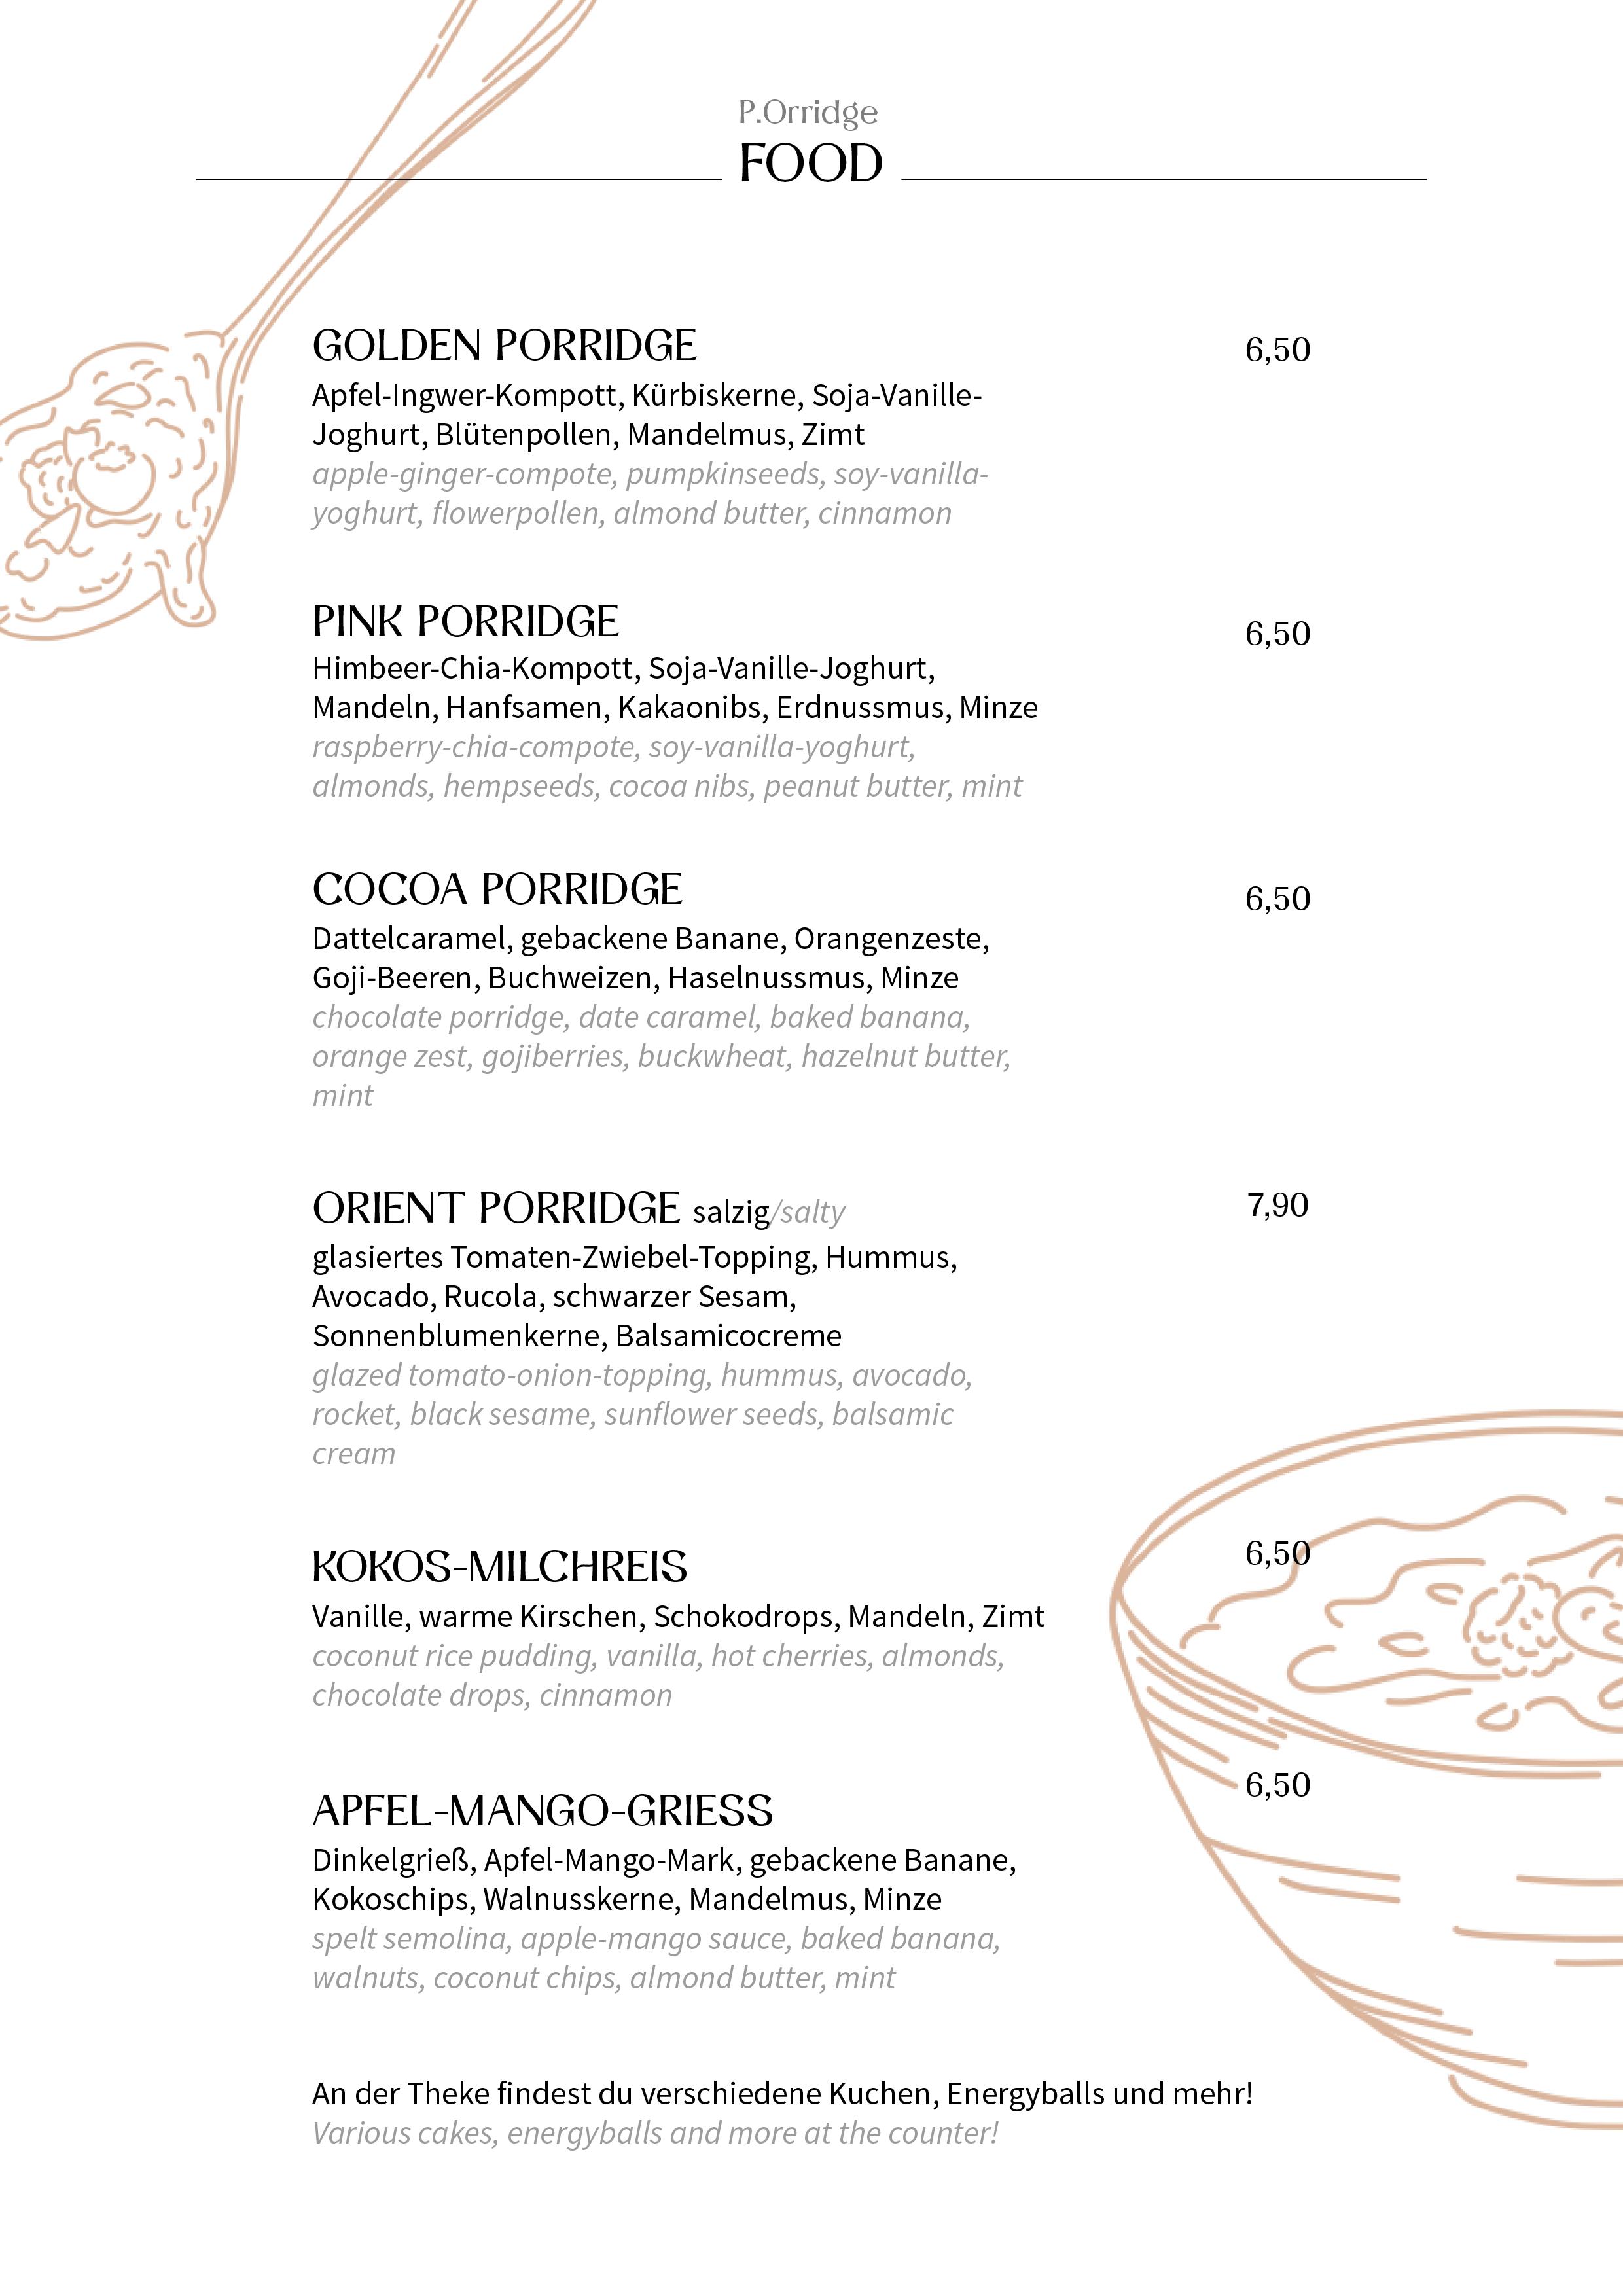 Speisekarte Porridge Food